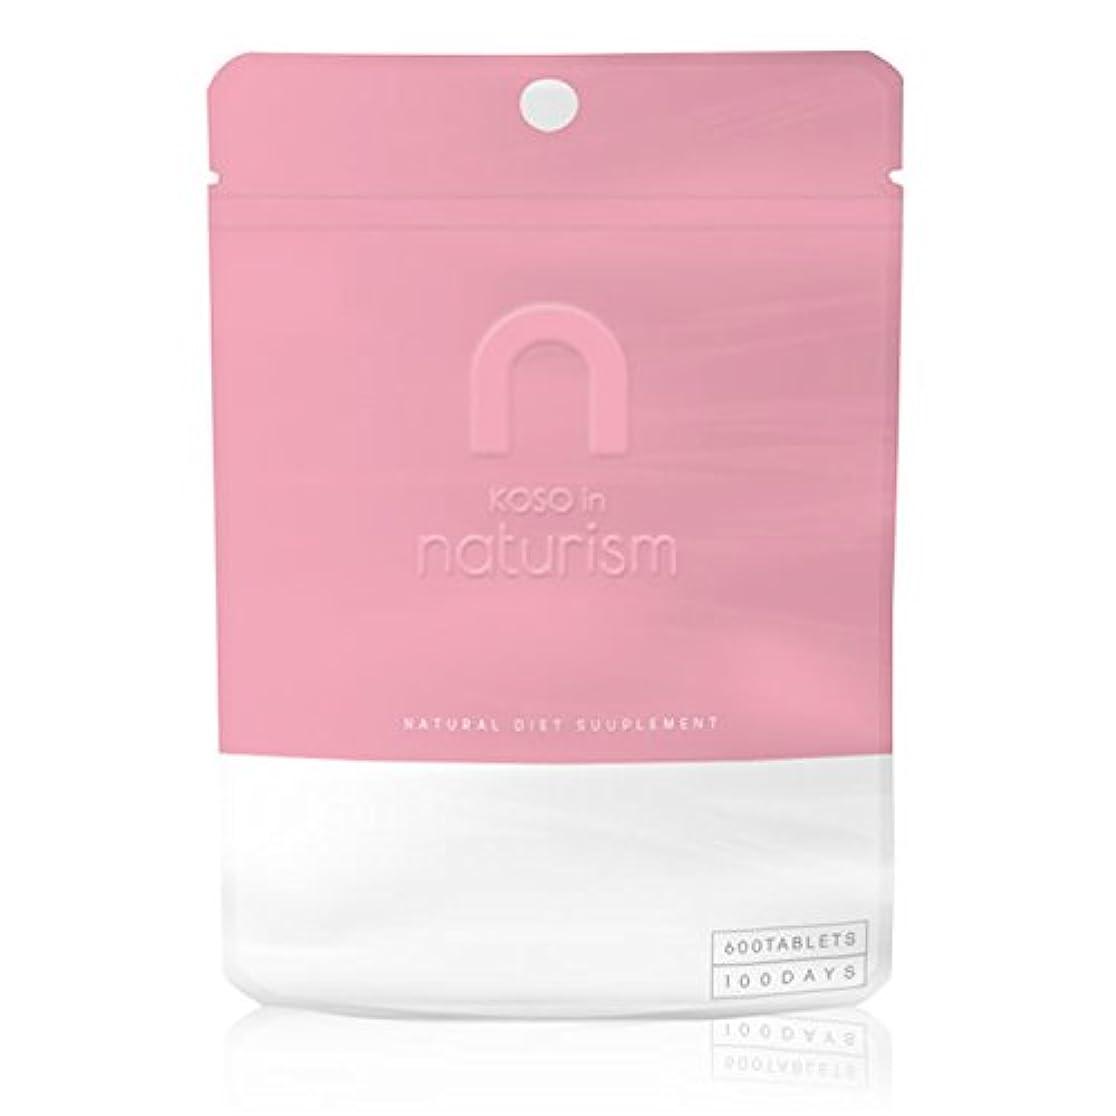 息苦しい熟考する安定酵素 in ナチュリズム ピンク naturism pink 600粒入 約100日分 [健康補助食品]koso in